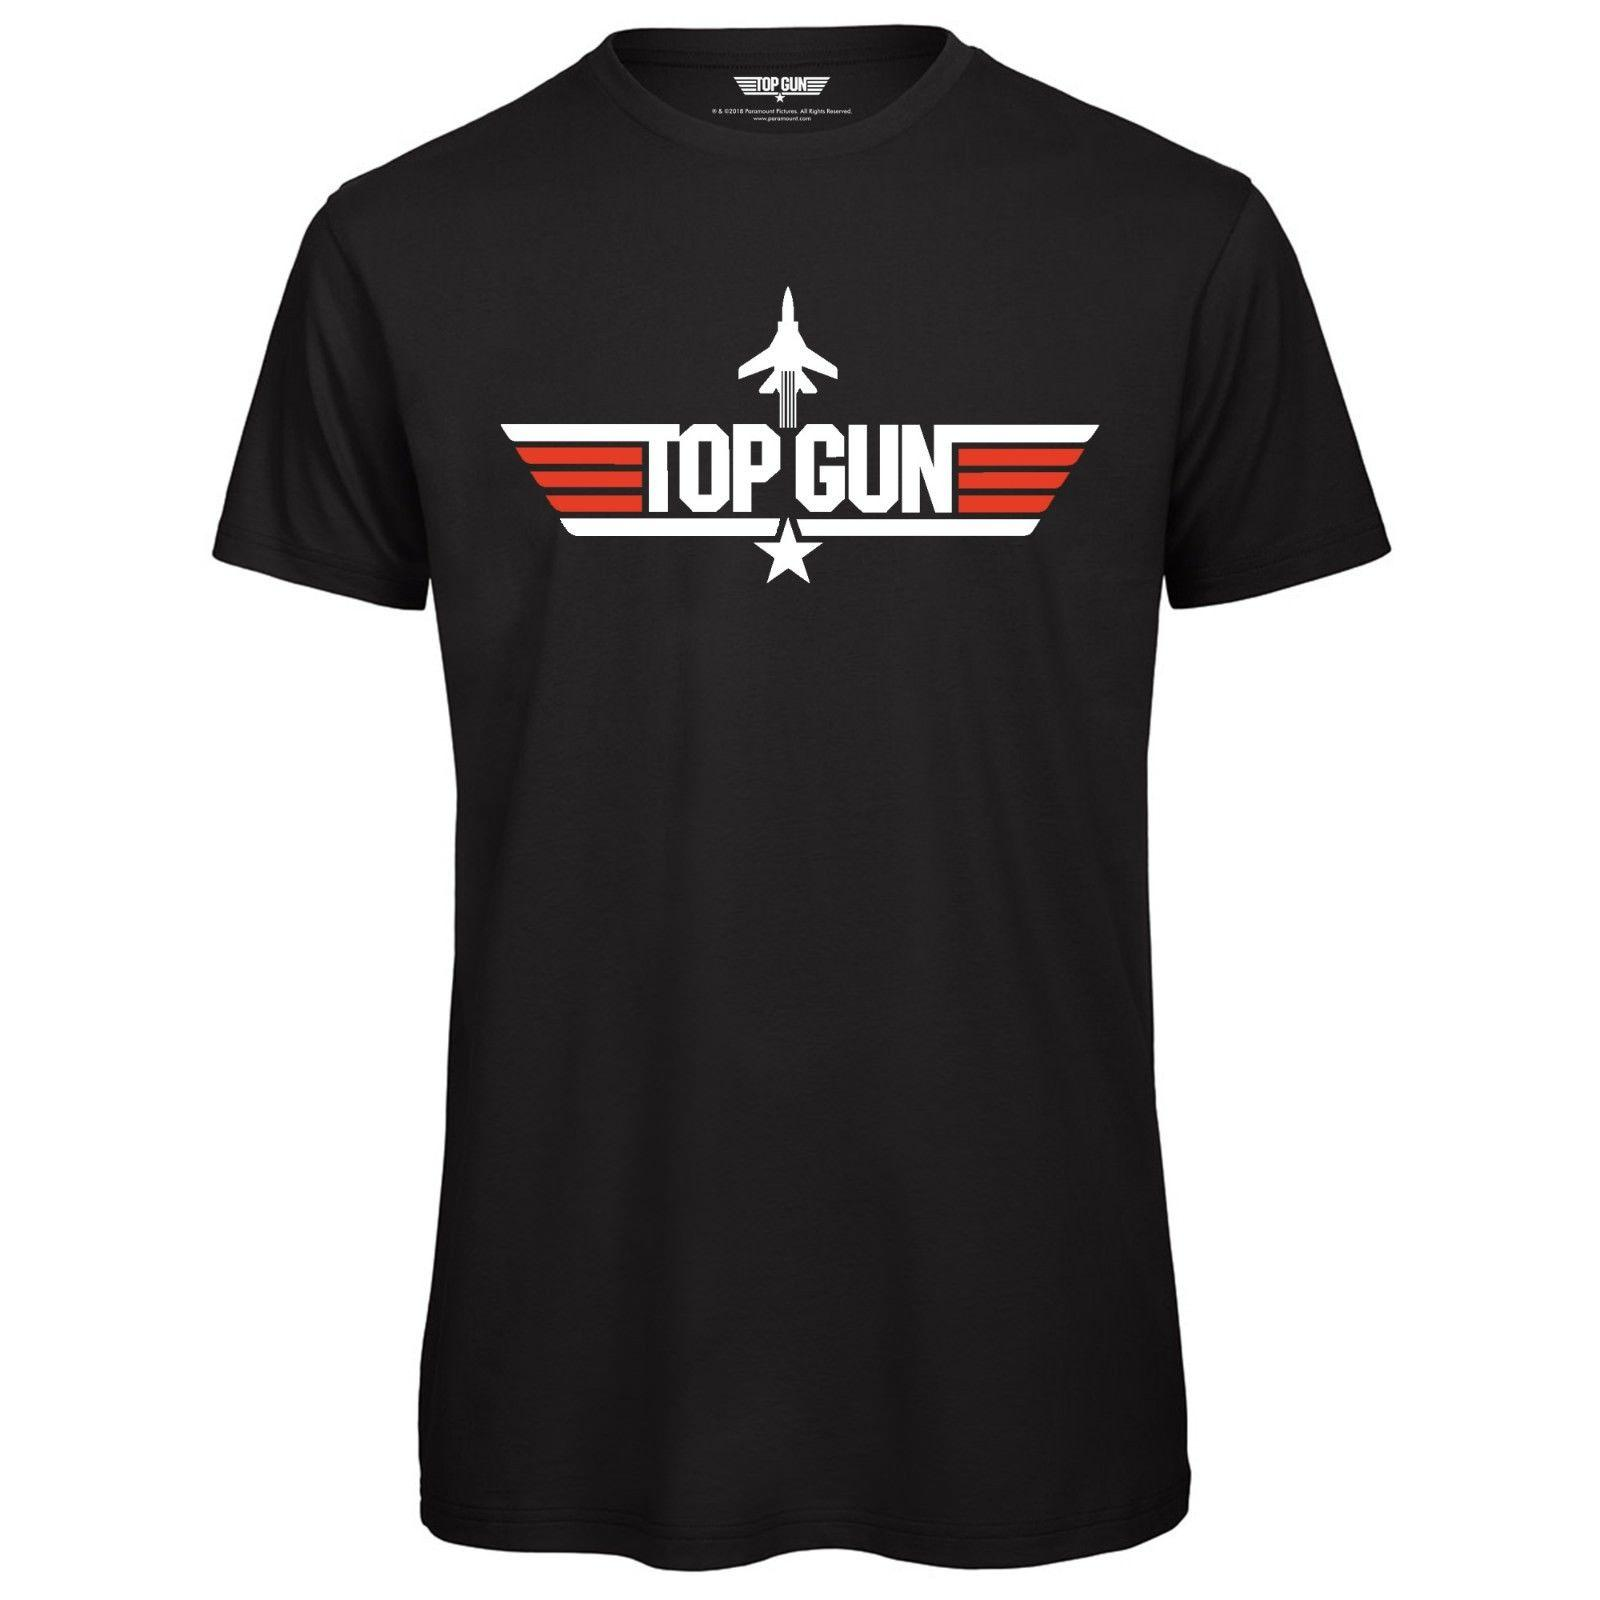 Top Gun Logo para hombre Camiseta - Licencia oficial TopGun negro Impreso superior divertido envío gratis Camiseta casual